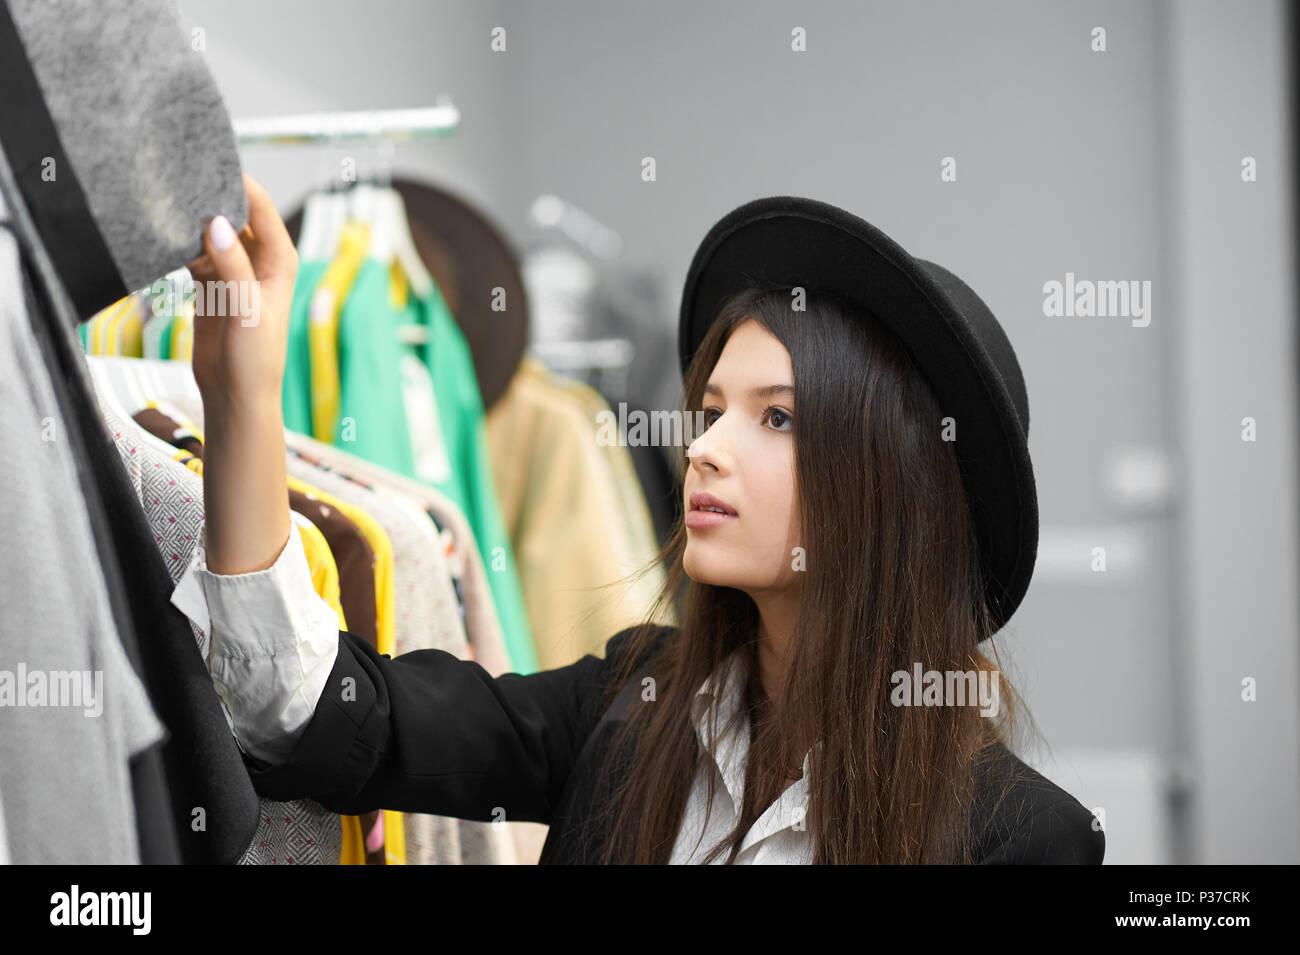 afcca2f4e9b2 Bella ragazza cerca su eleganti e moderni black hats in negozio di  abbigliamento. In piedi